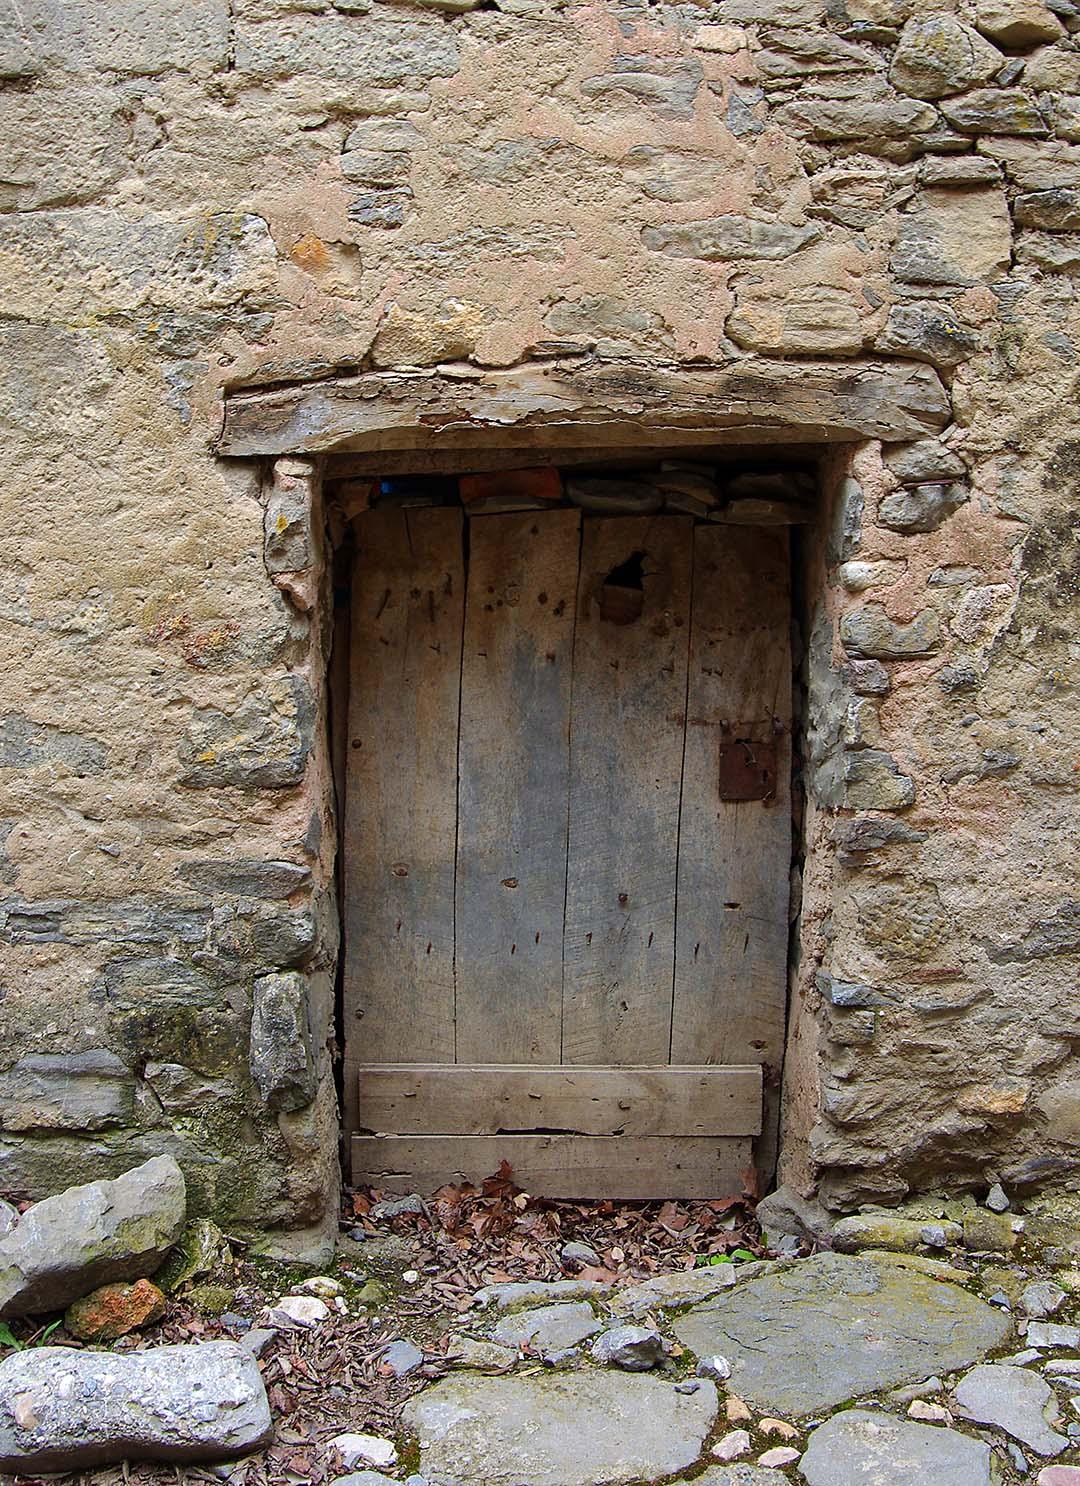 Entusiasco puertas r sticas y arcos de piedra en - Dintel de madera ...